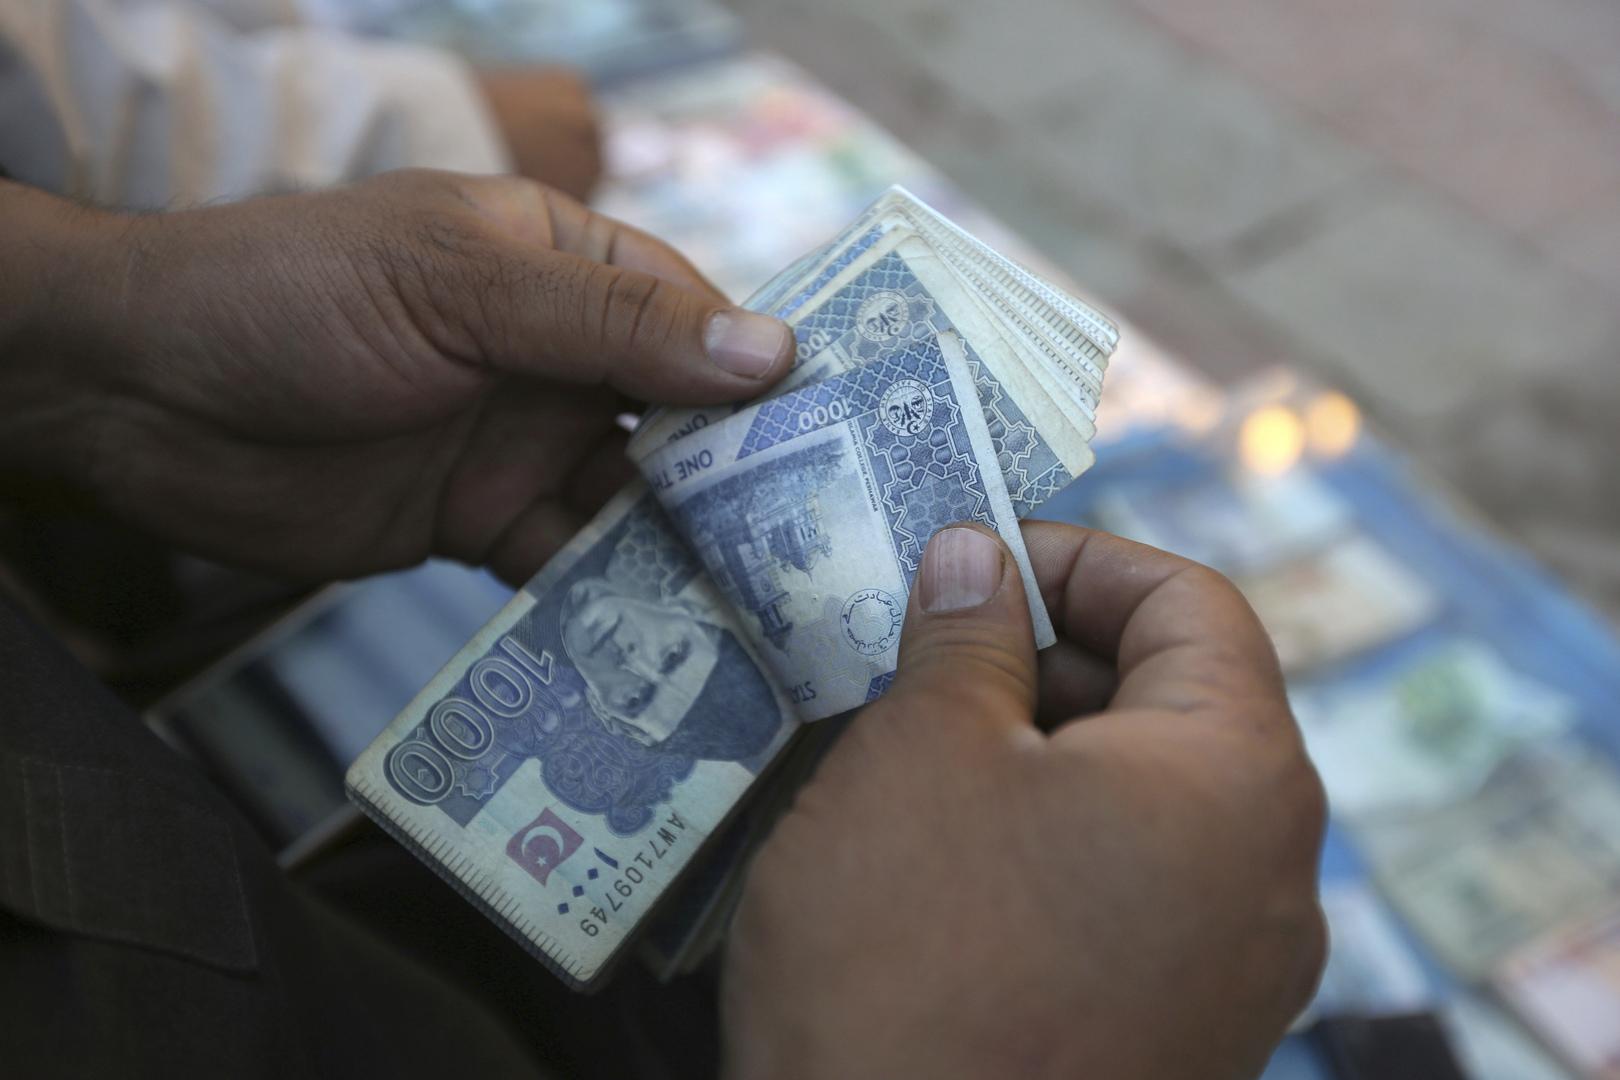 تدافع وطوابير لأيام.. فيديو يظهر معاناة المودعين أمام البنوك في أفغانستان